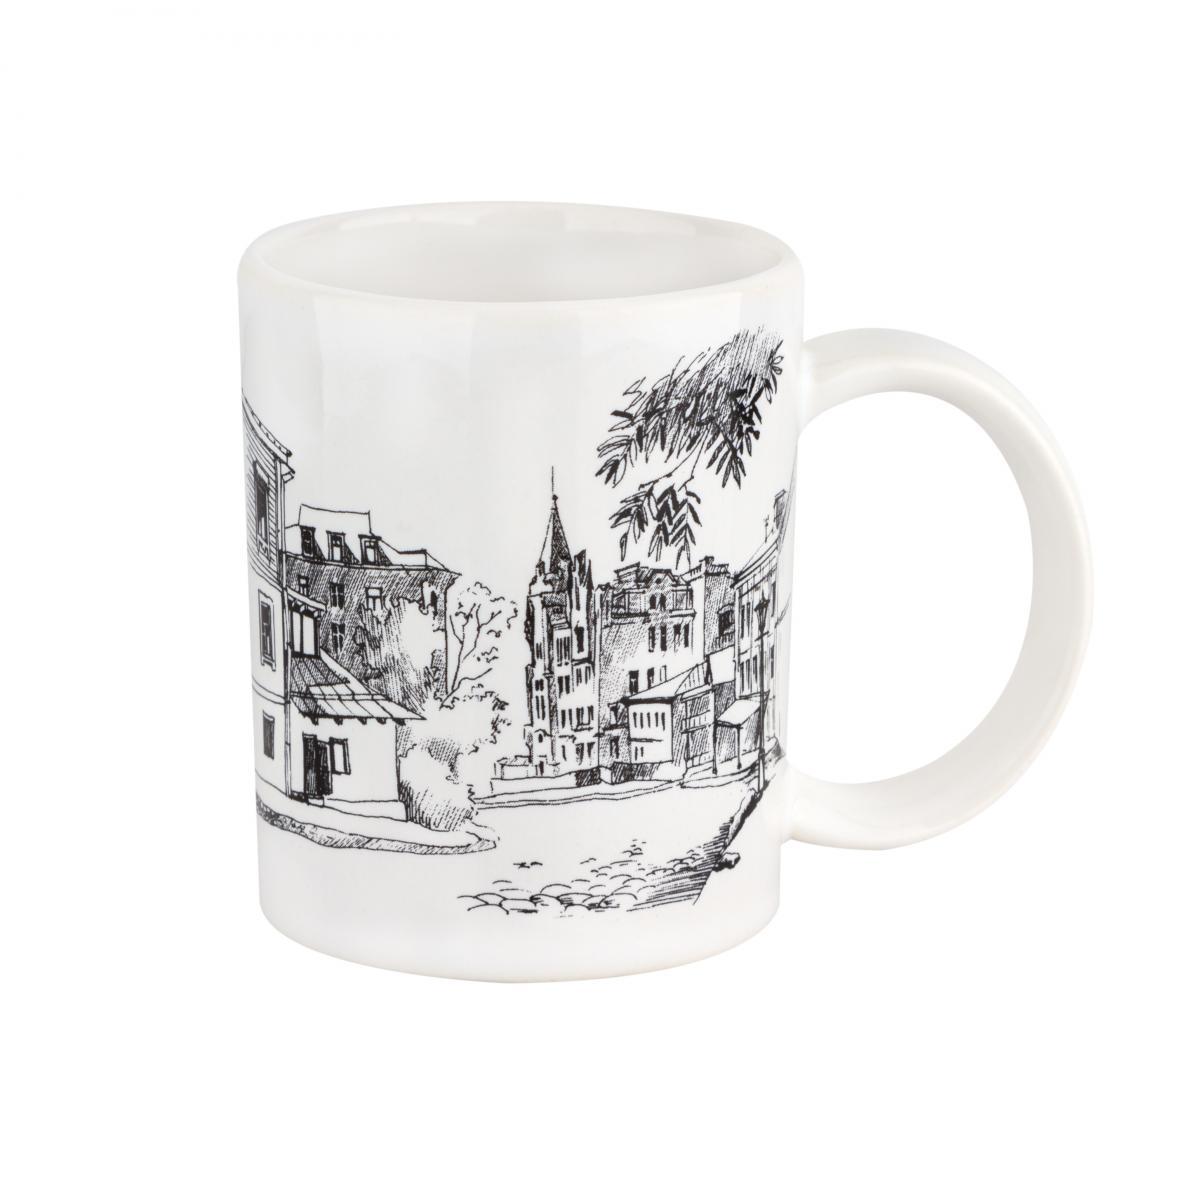 Чашка с Андреевским спуском – 150 мл. Фото №1. | Народный дом Украина